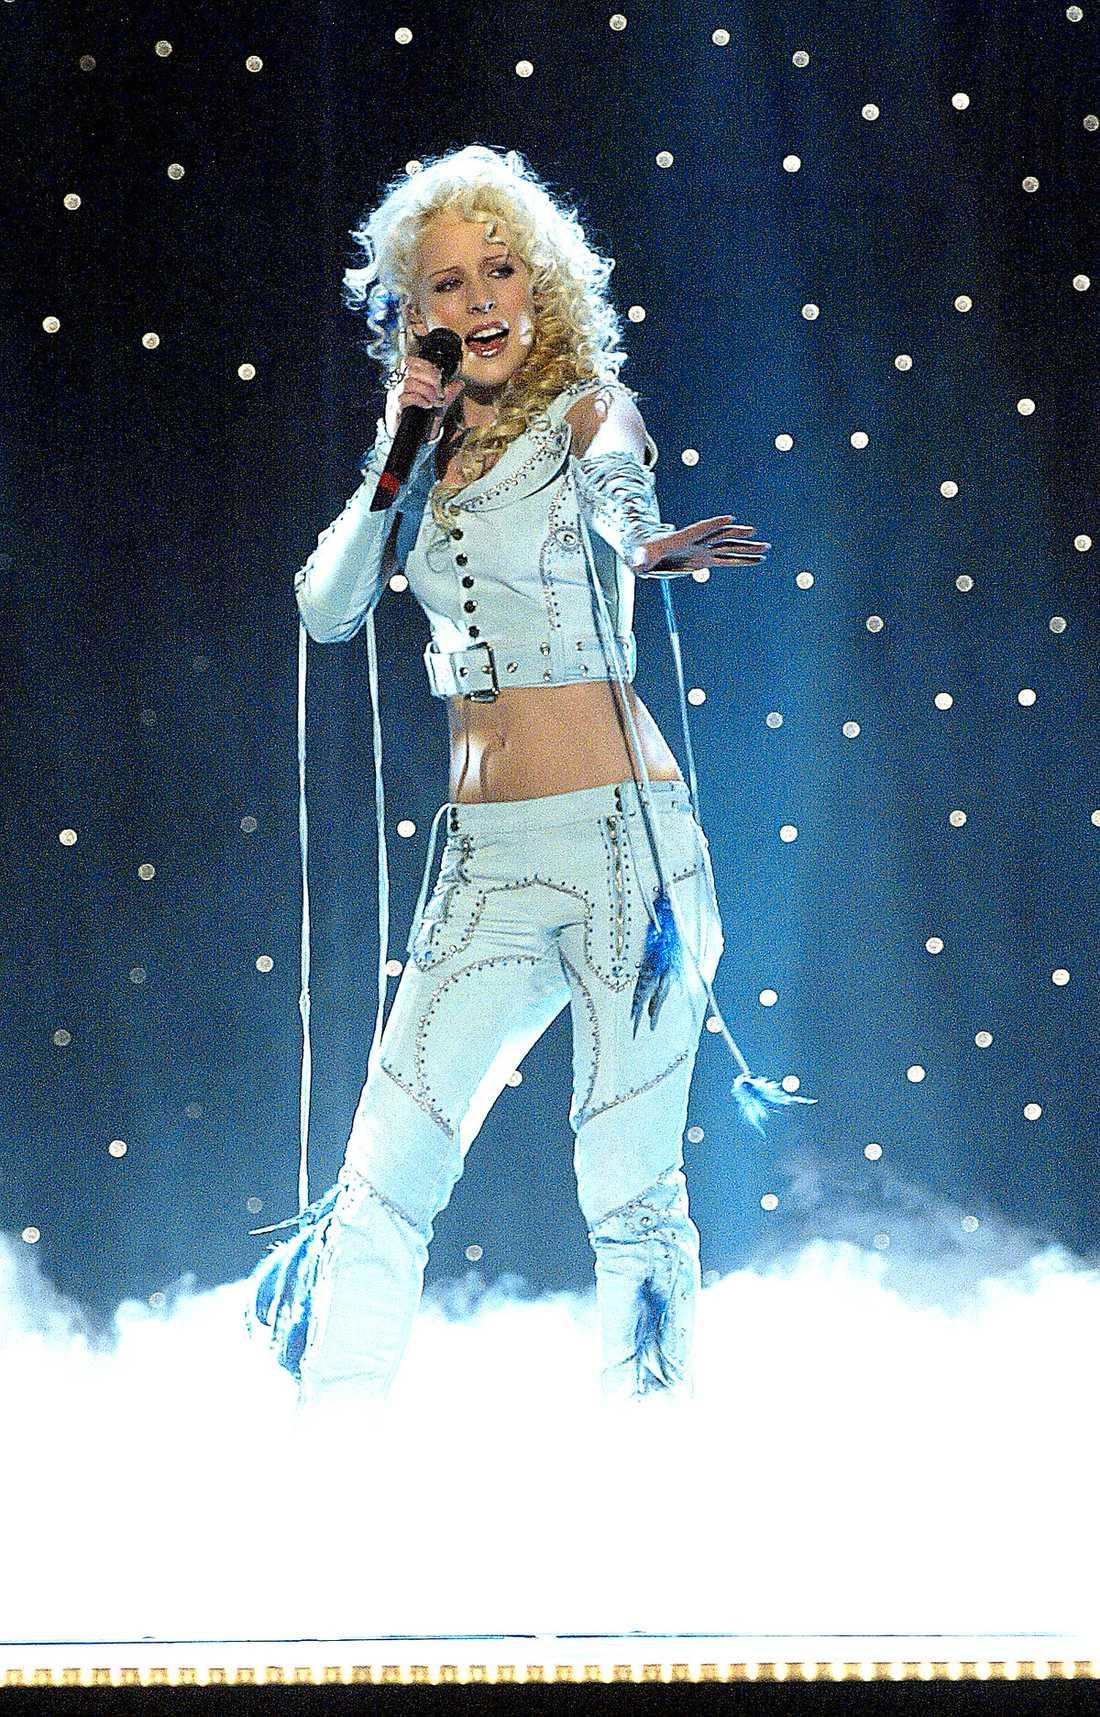 Umeå 2004. I dag skulle Sandra Dahlbergs outfit i schlagertävlingen 2004 vara Klimpfjälls svar på Lady Gaga. Totalt oförståeligt men ändå ett plagg. Eller två. Eller delar av flera. Blått skinn, marinblå fjädrar, nitar och flätade ärmar tog den norrländska guldlocken till en åttondeplats i tävlingen.